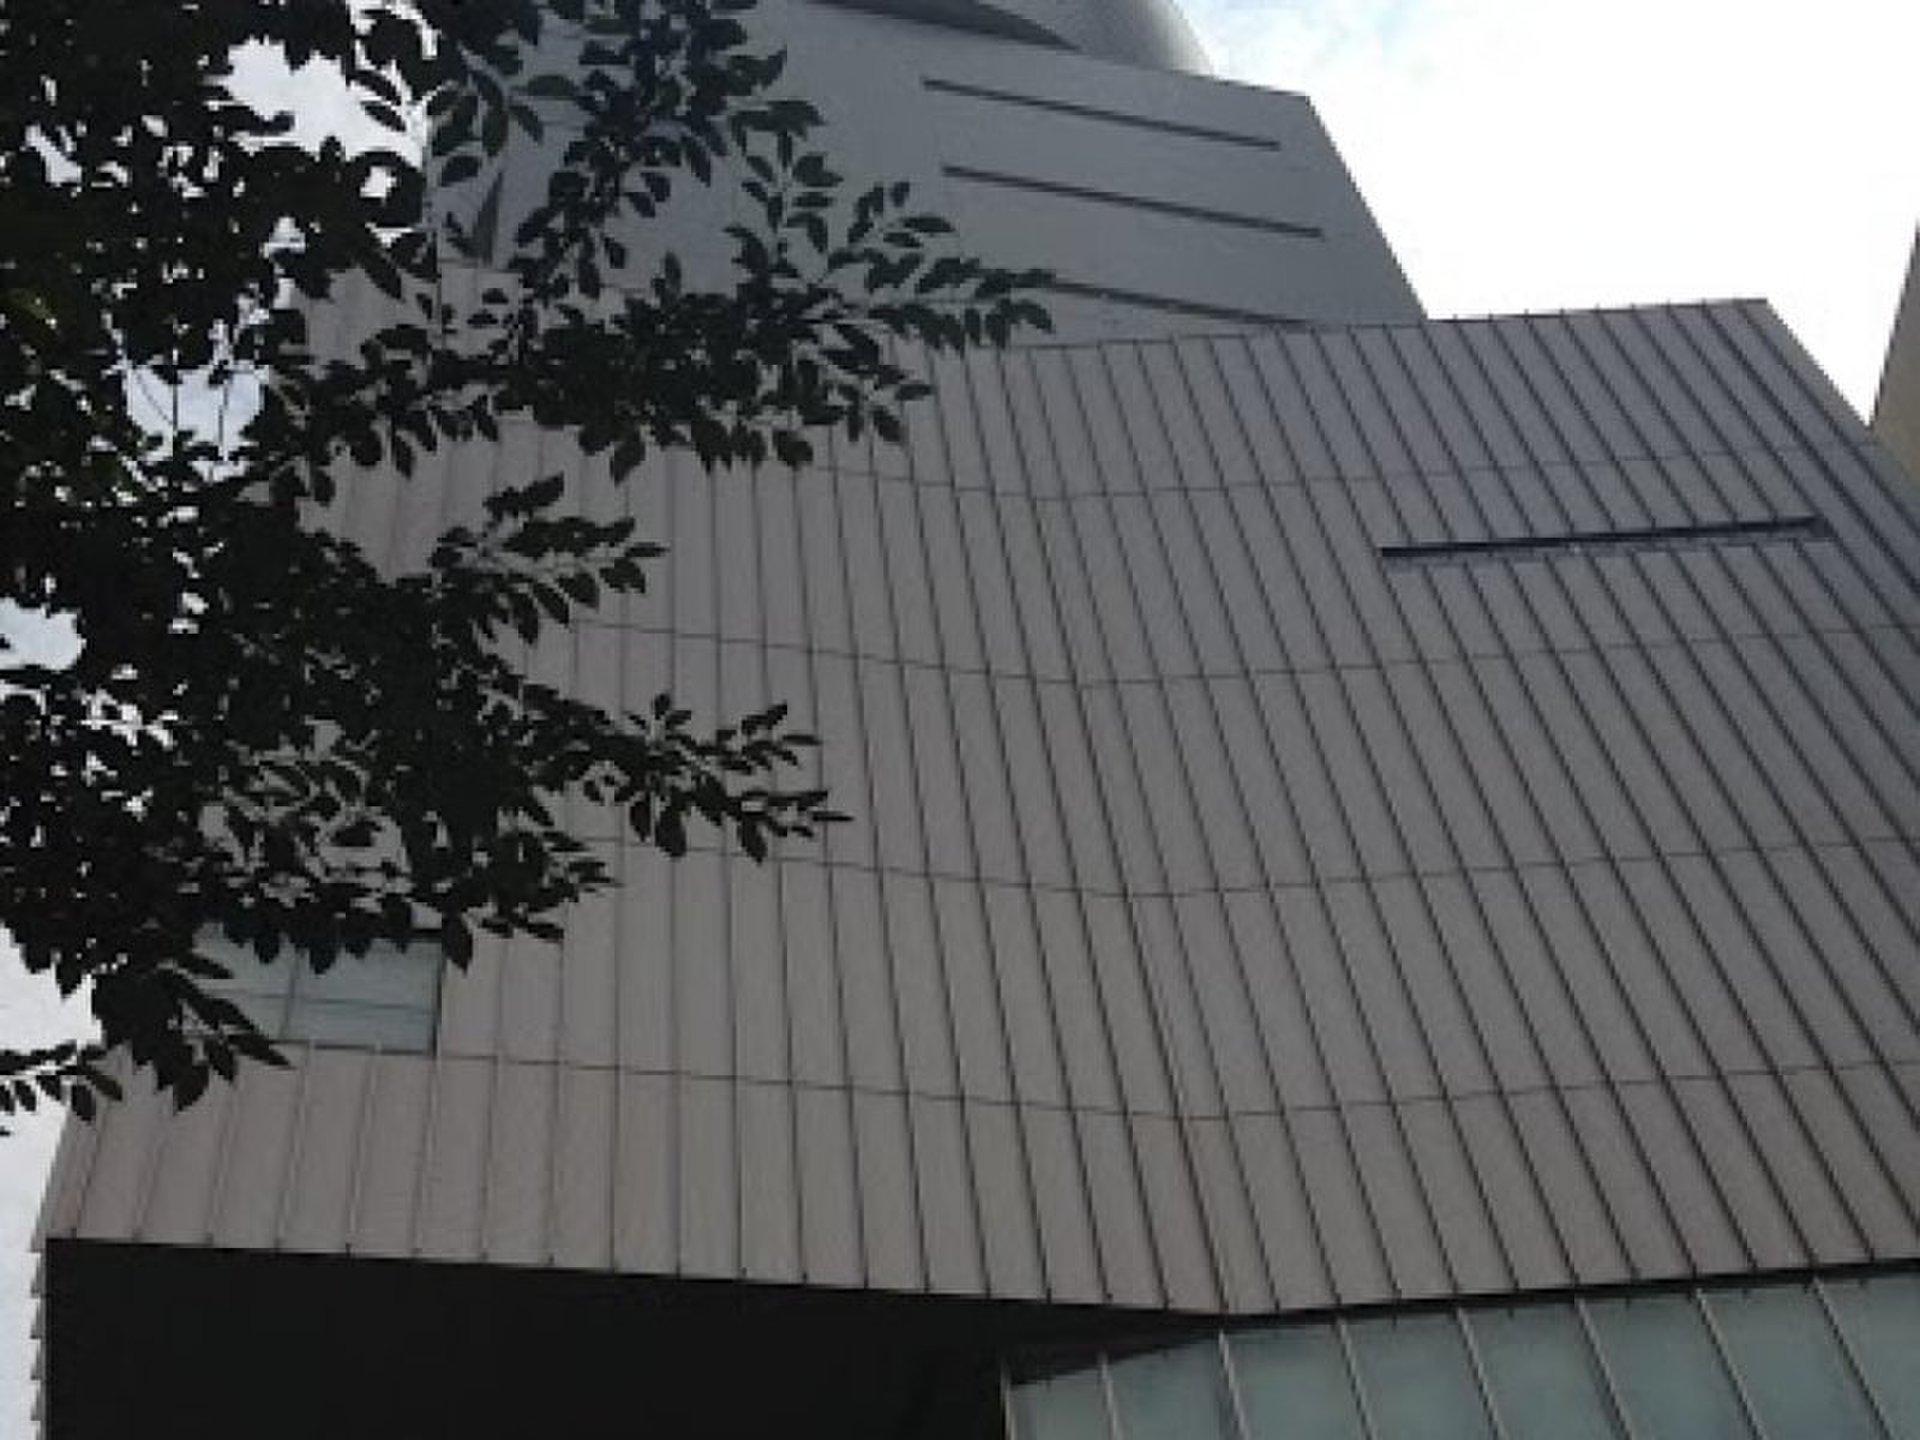 【満天の星空を楽しむ】渋谷の街を巡るおすすめ1日デートコース!最後はプラネタリウムへ!